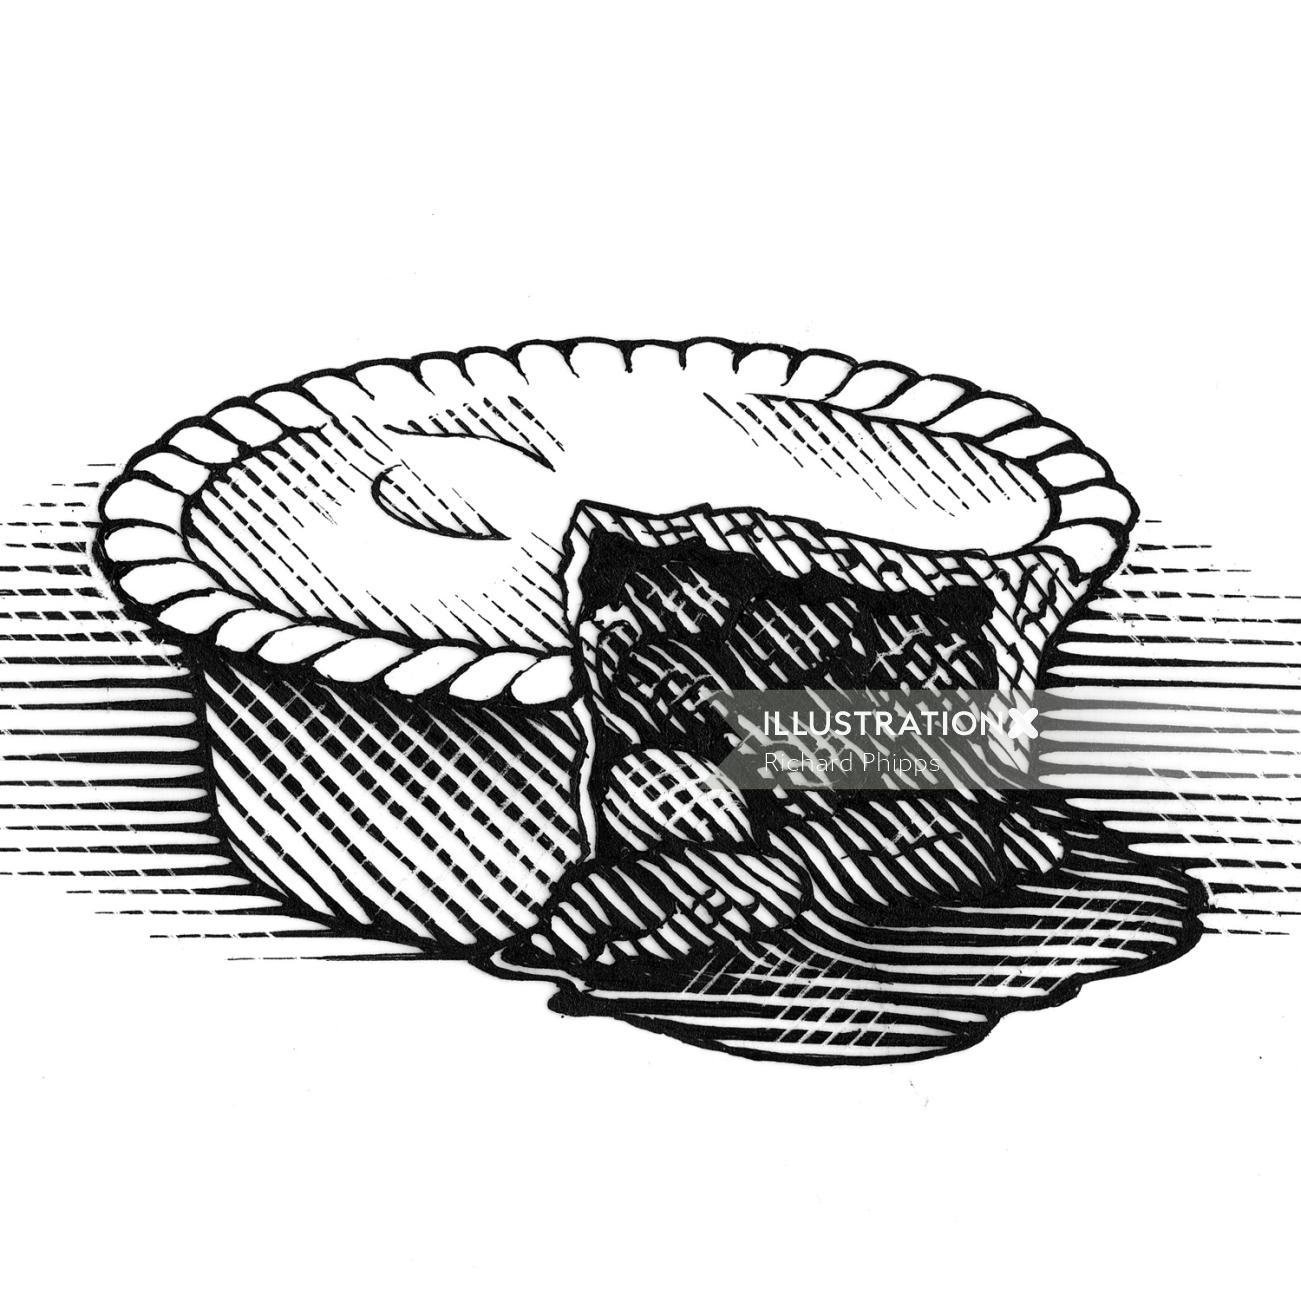 Linocut art of meat pie